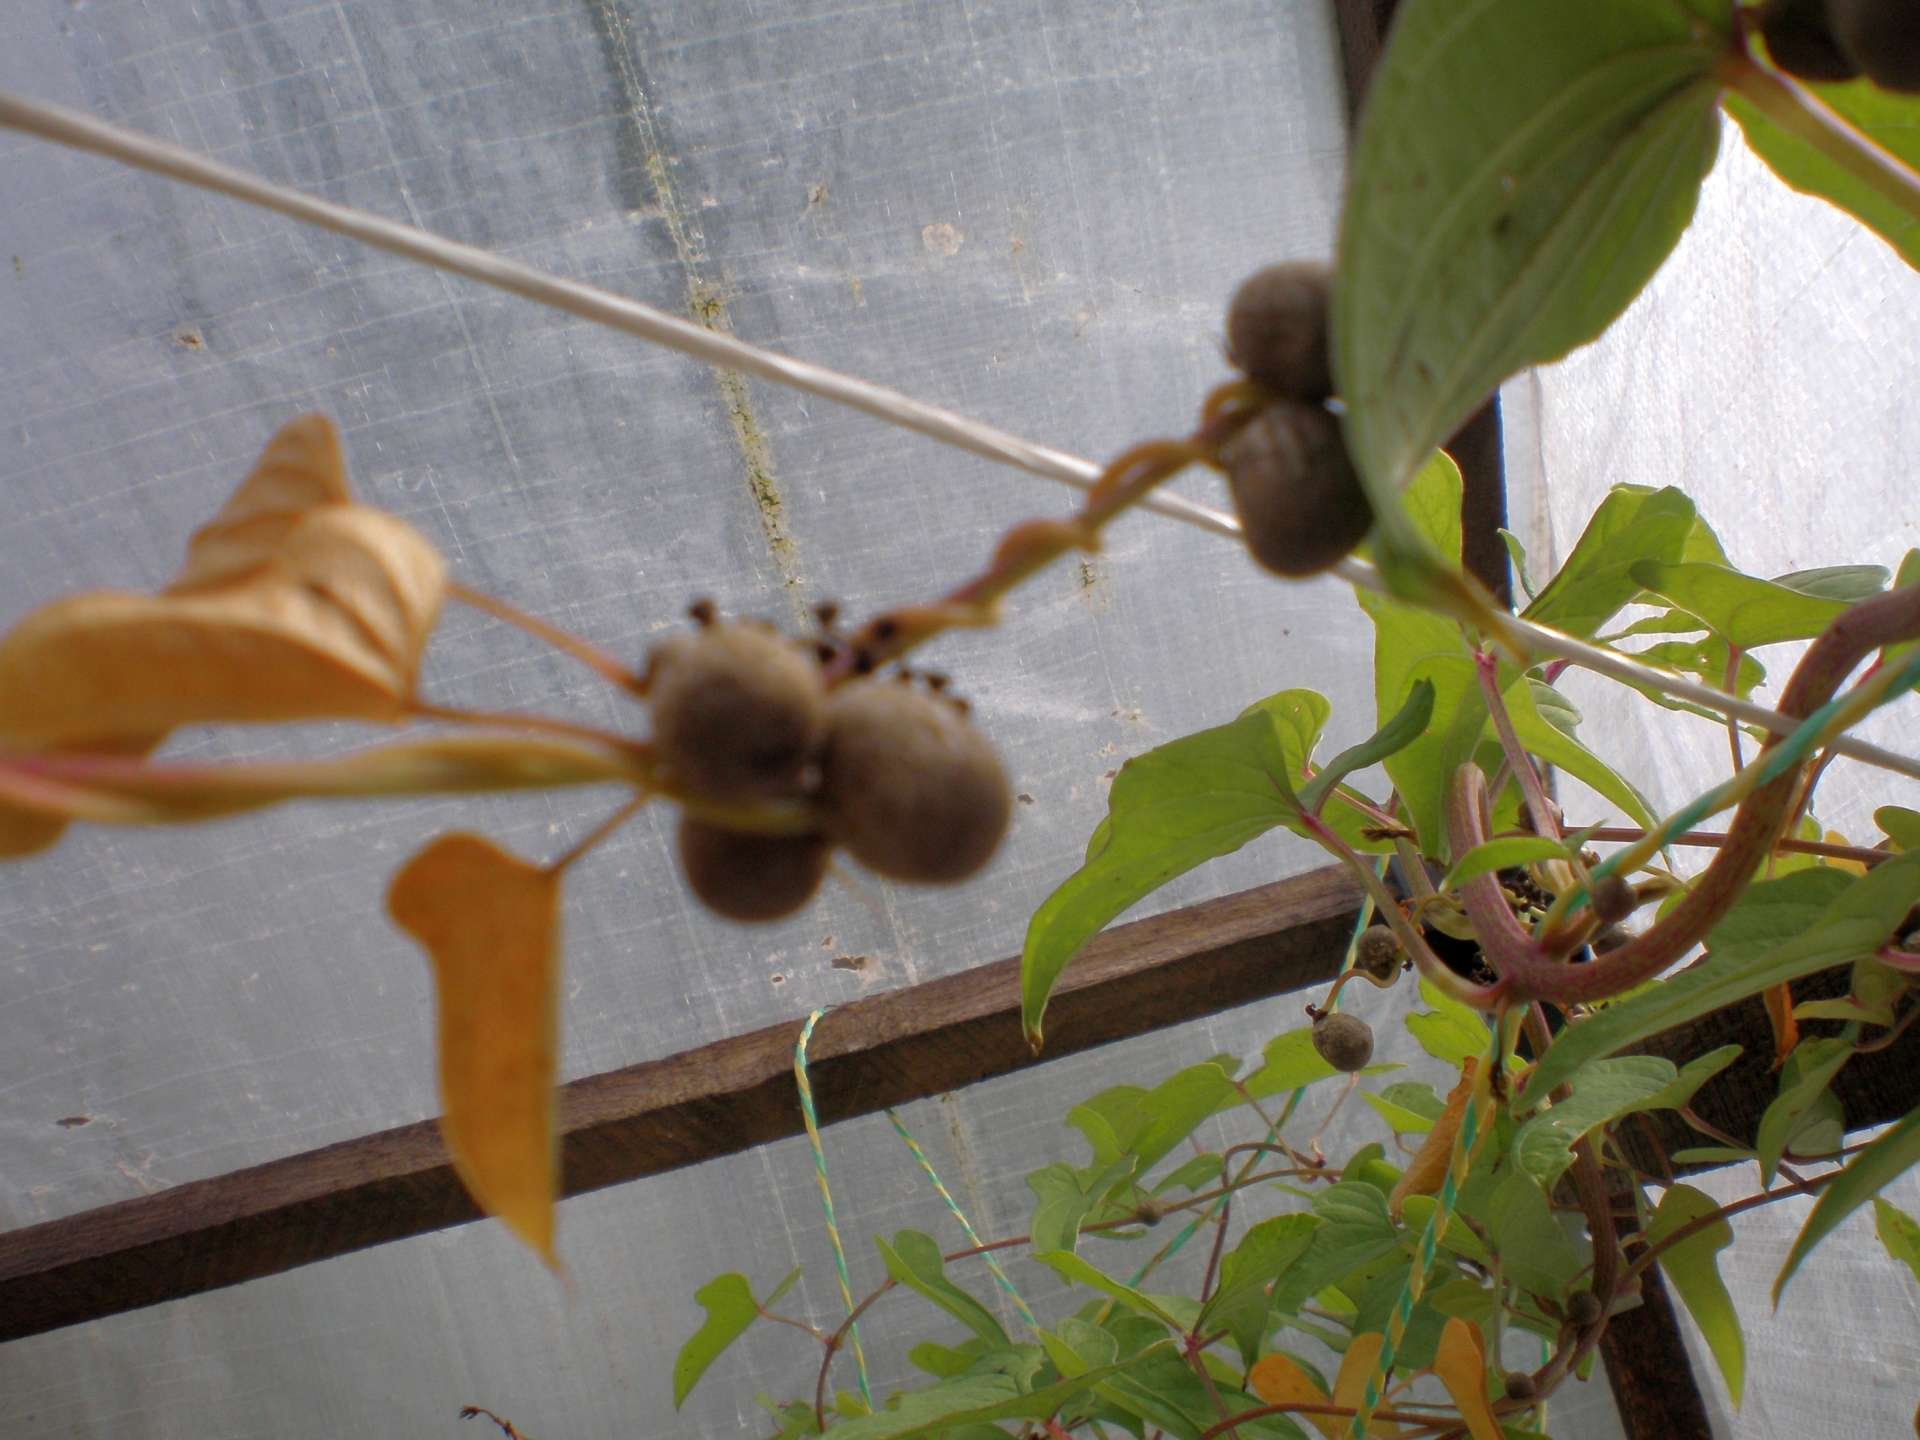 Pacibulky světelného kořene v paždí samiččí rostliny